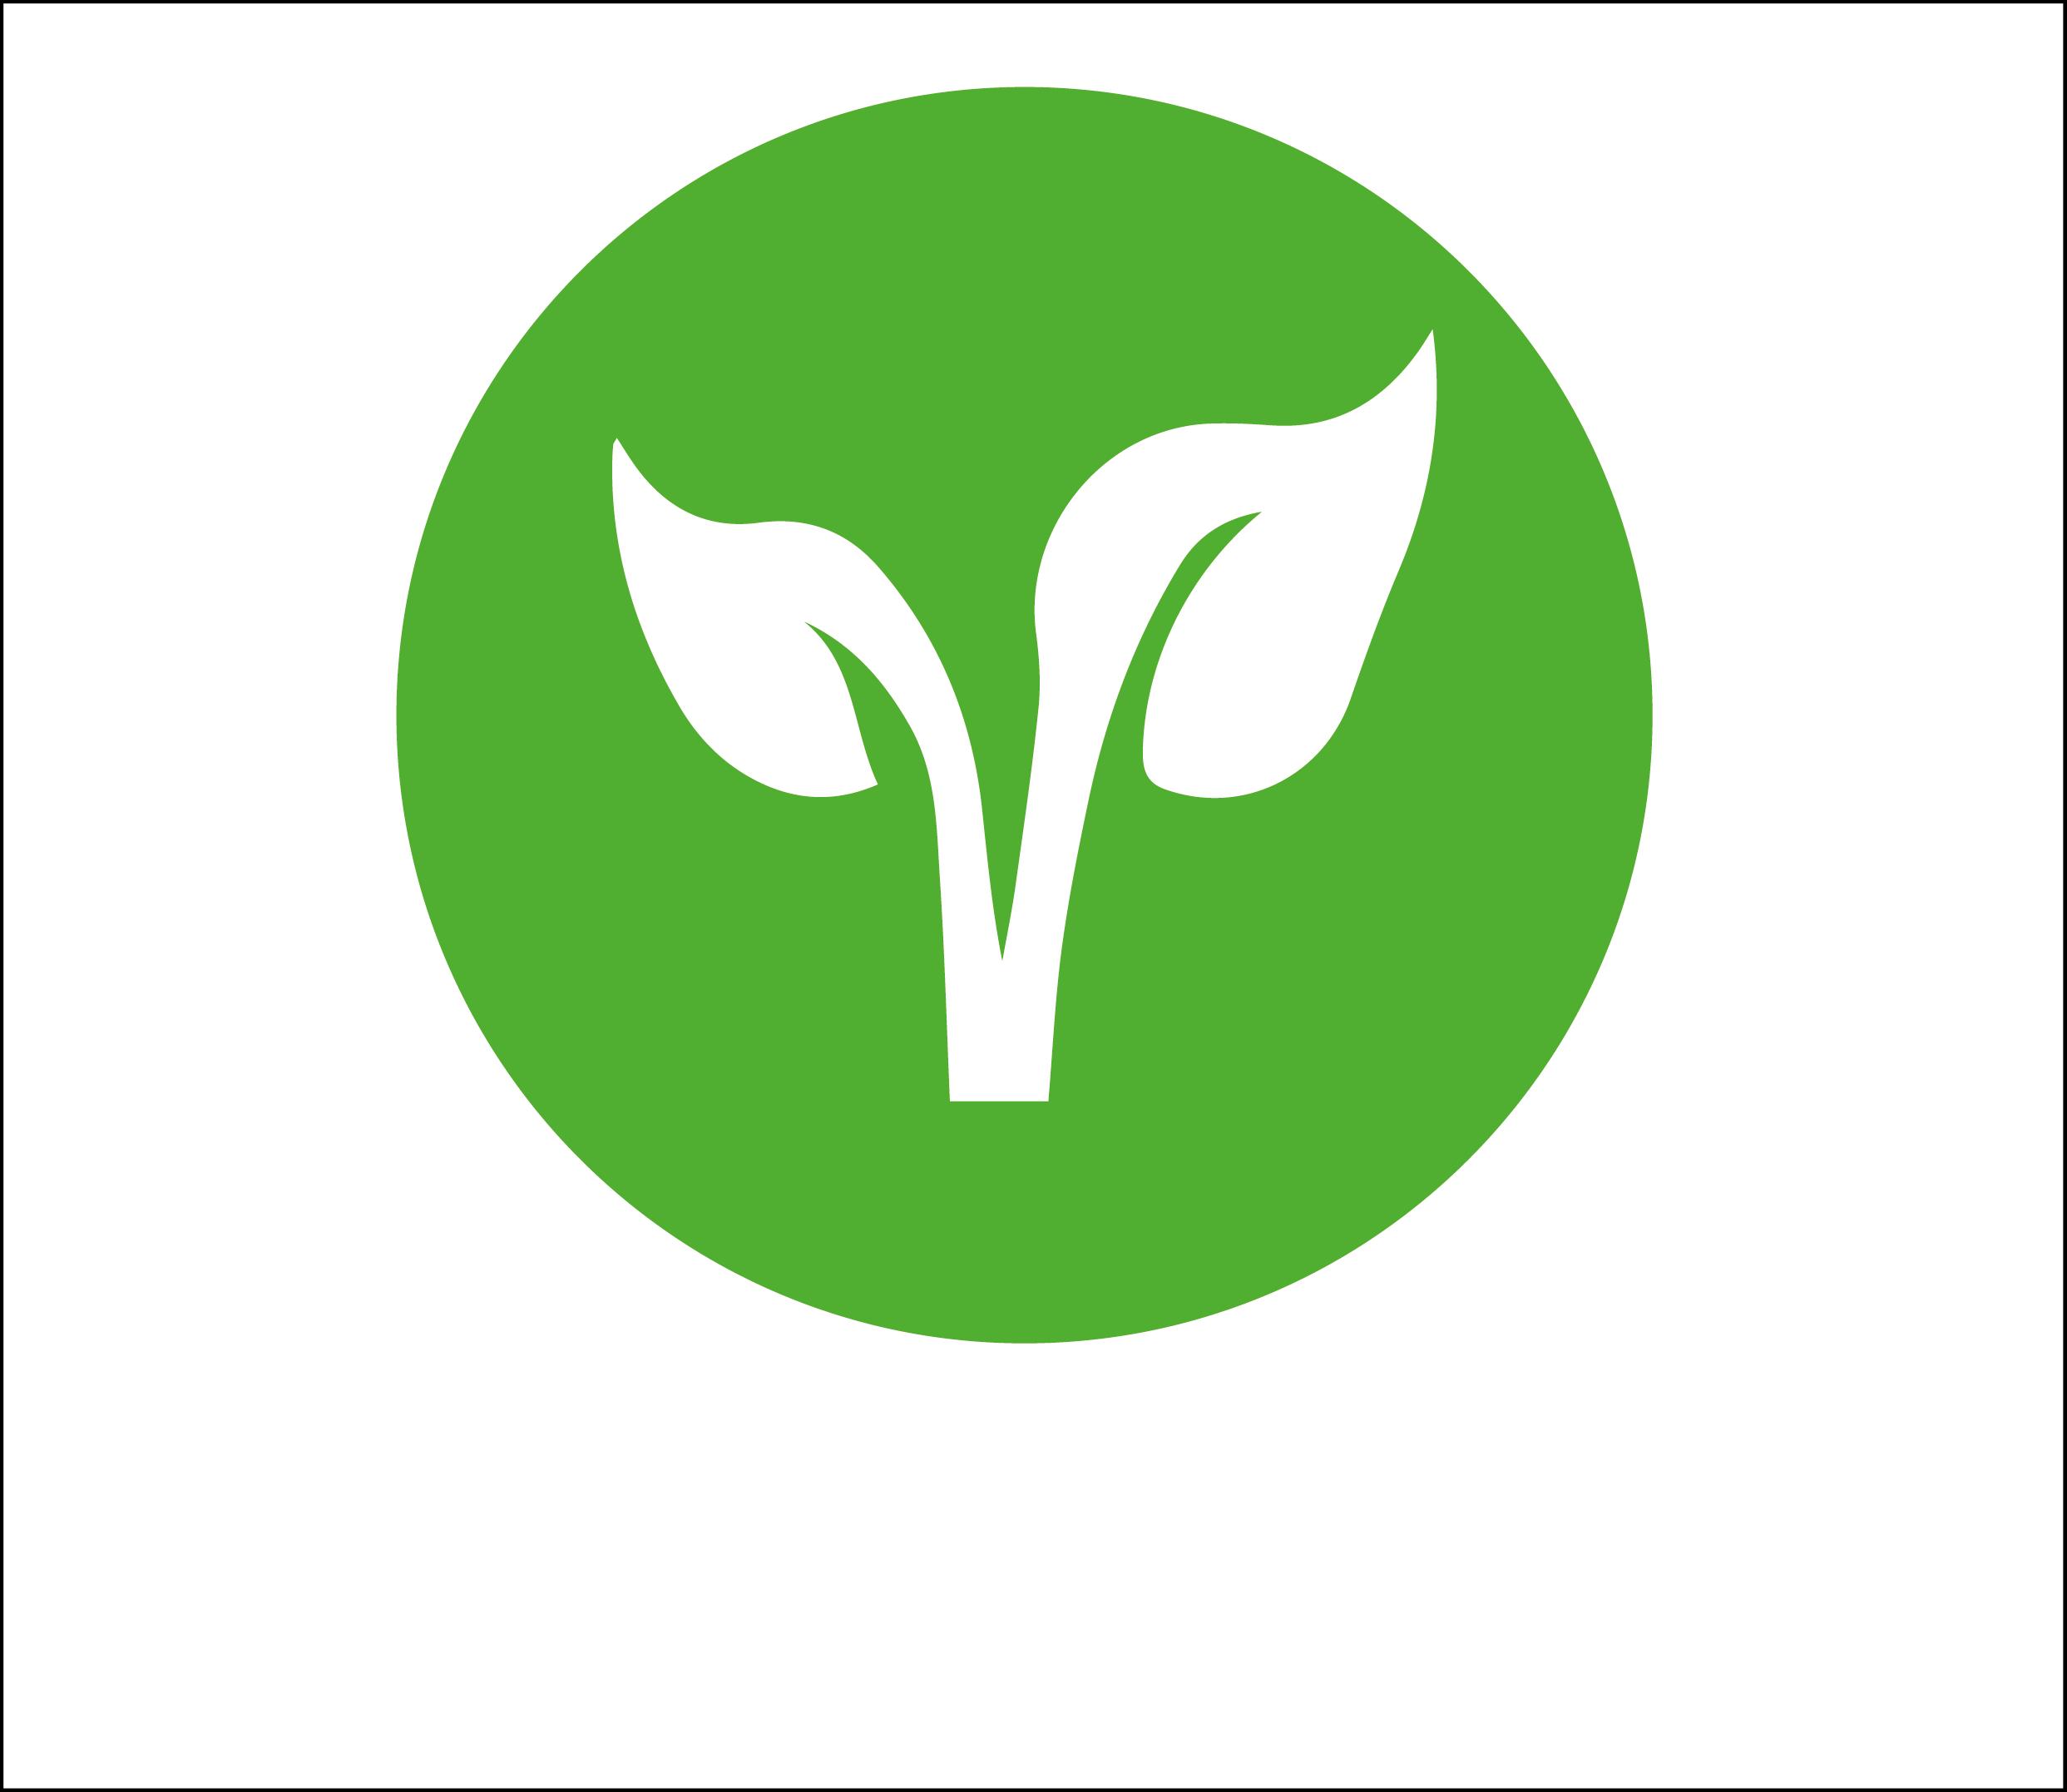 保护生态系统